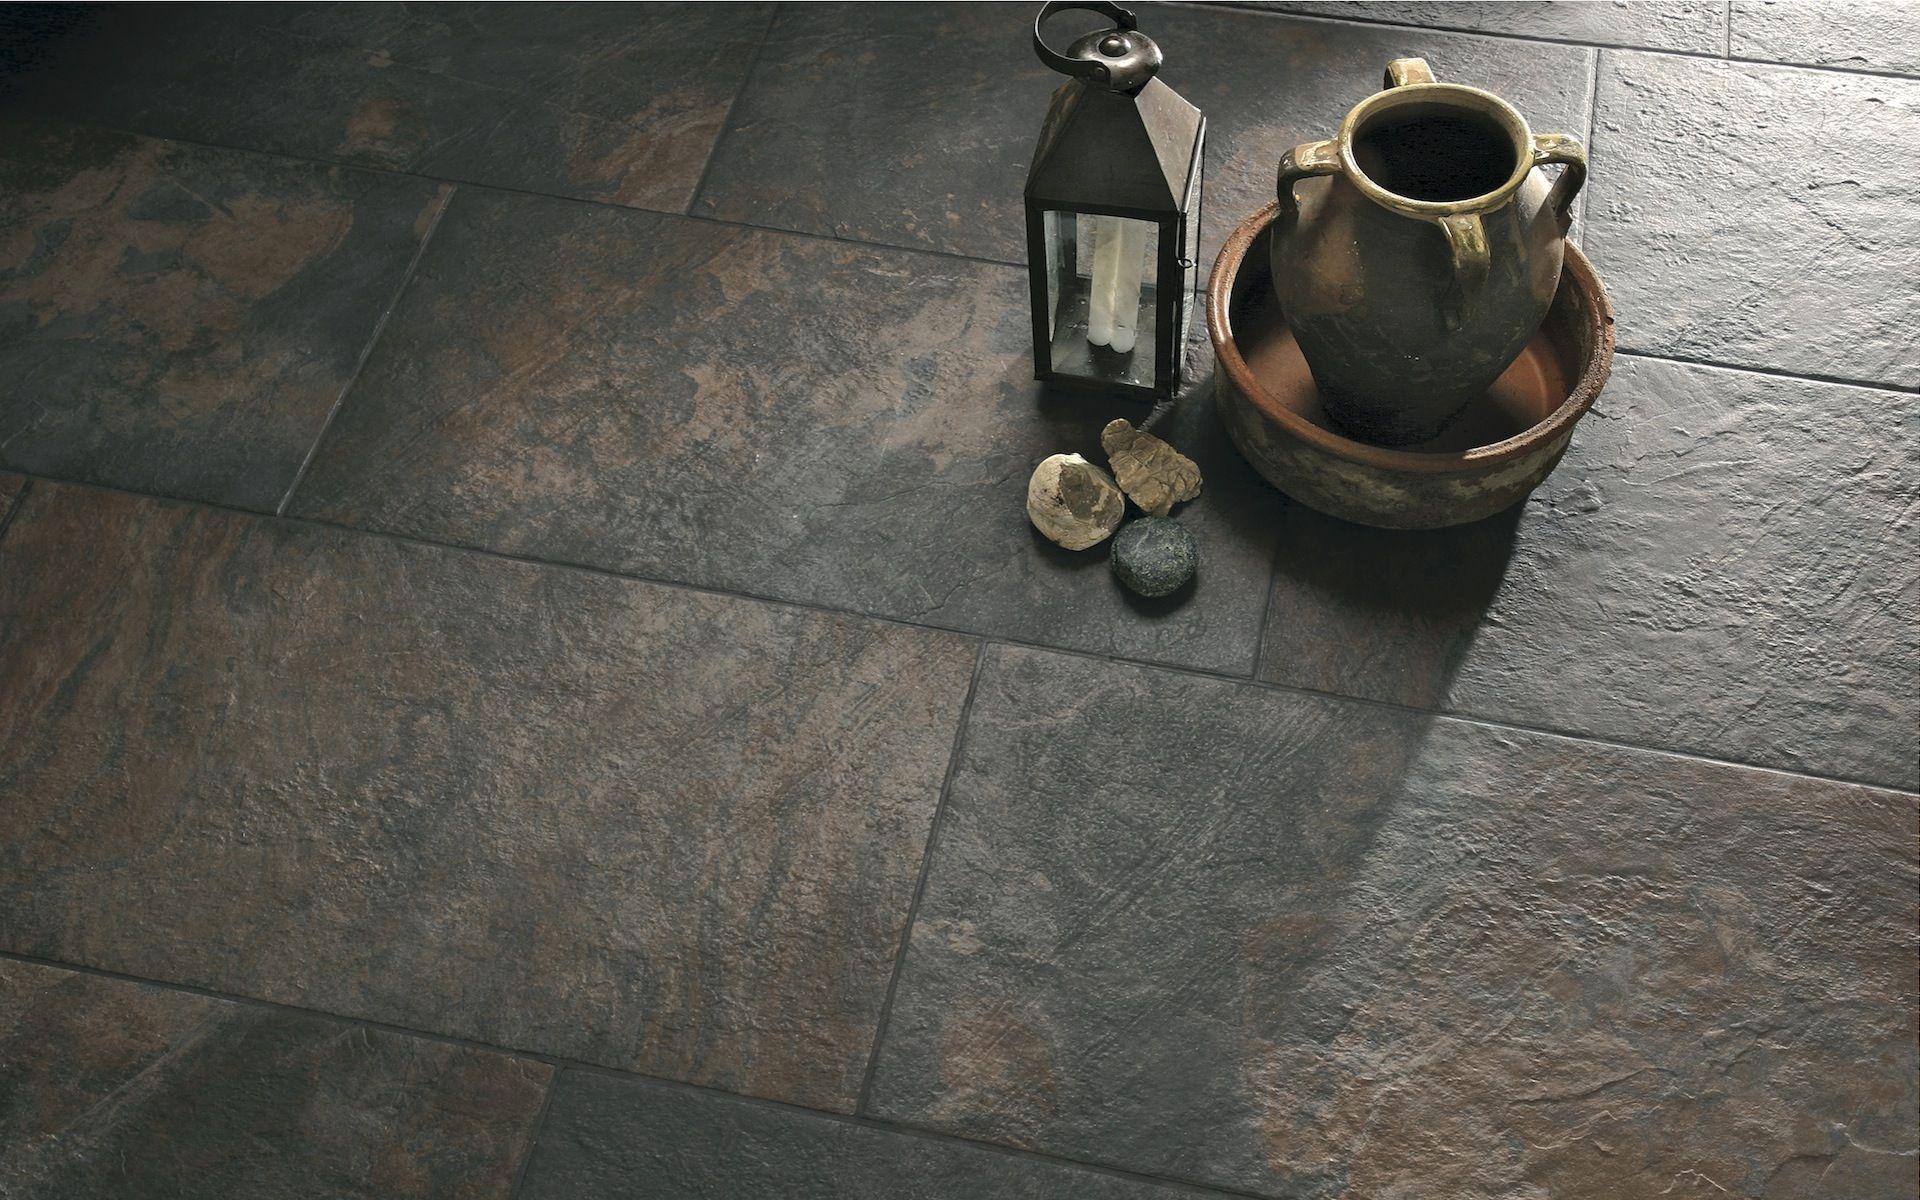 Slate items piastrelle gres porcellanato per pavimenti e